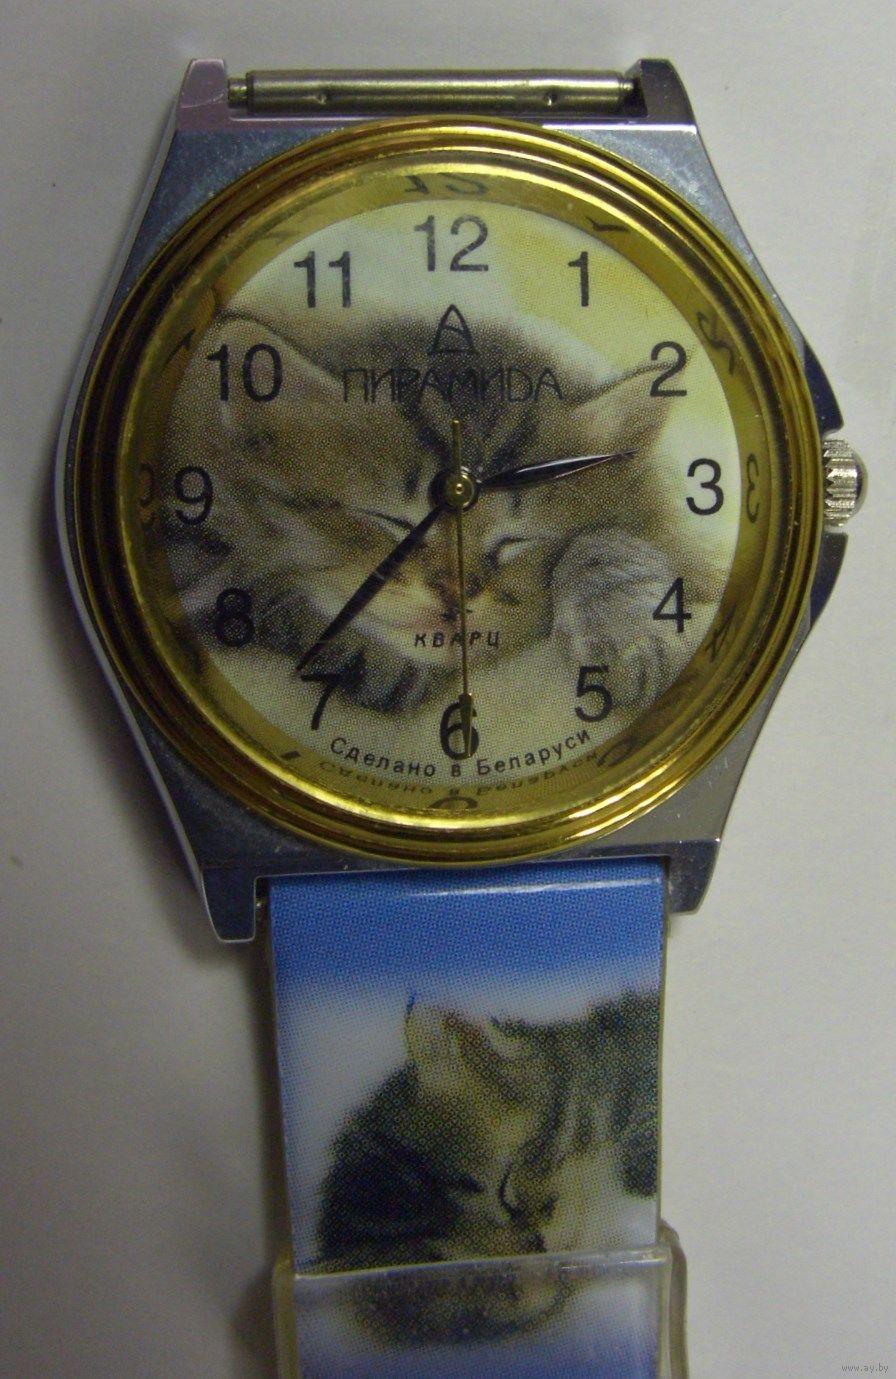 Часы пирамида купить наручные купить seiko наручные часы